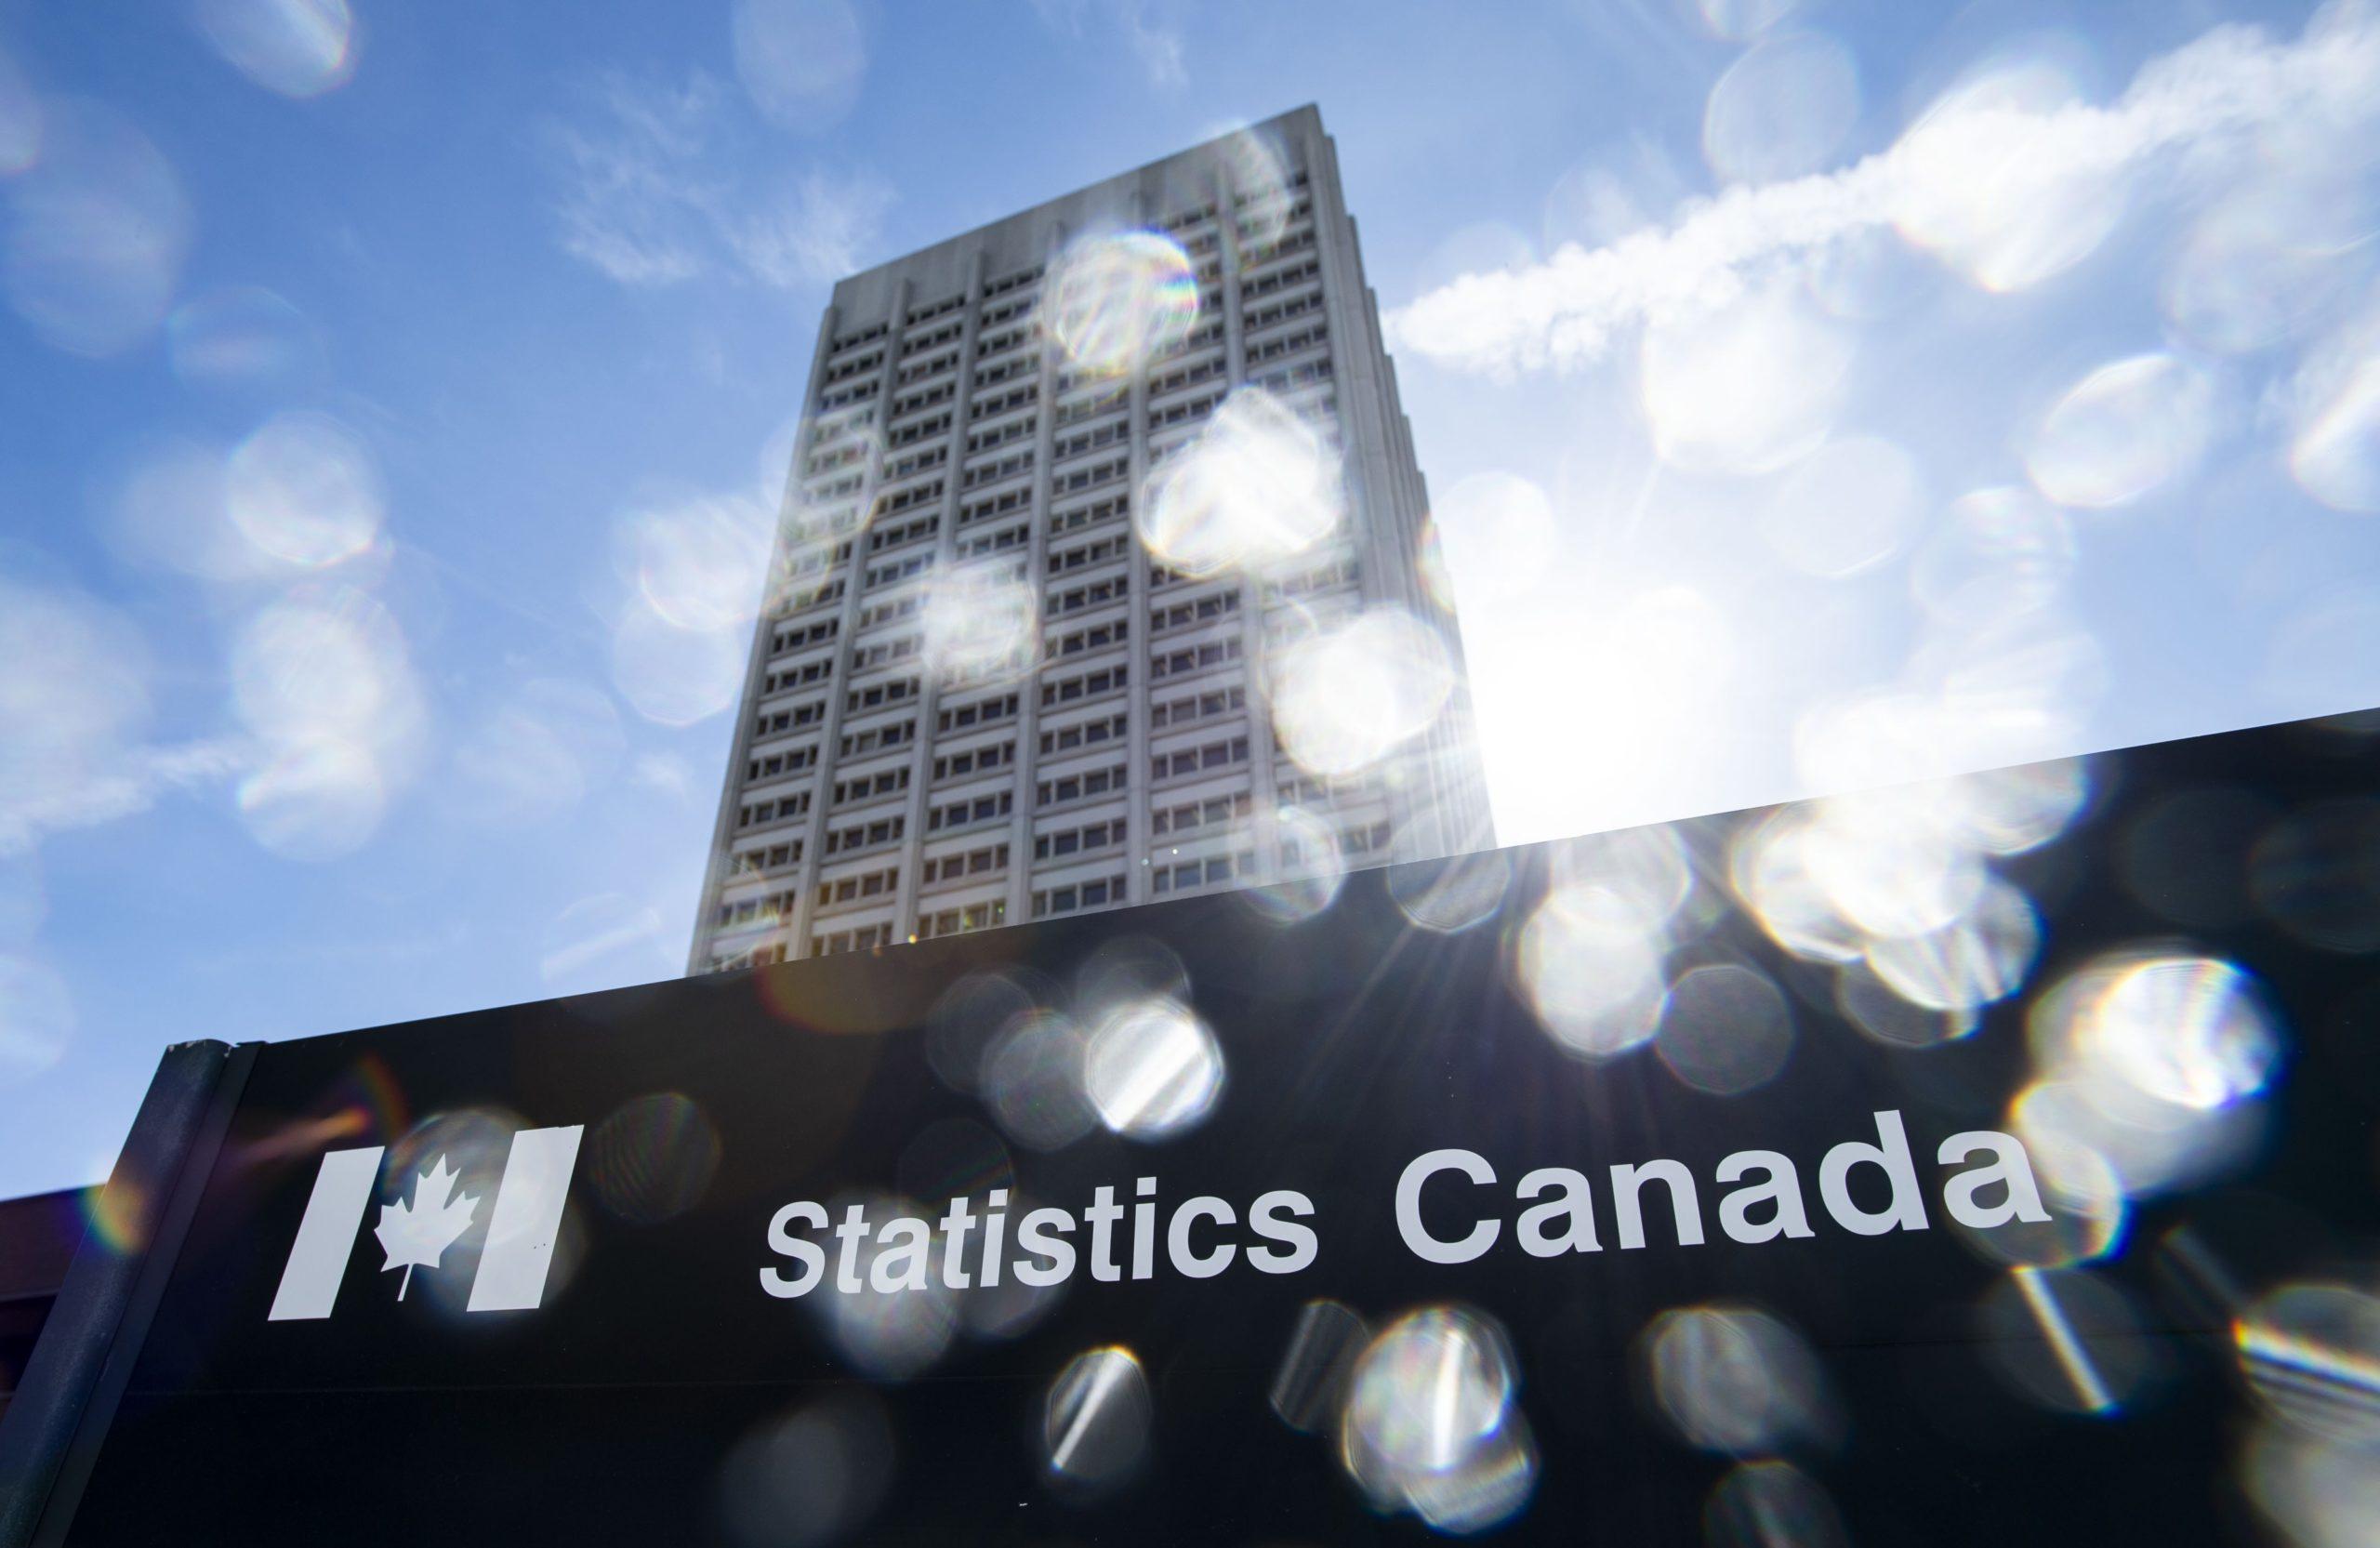 مرکز آمار کانادا از انقباض اقتصاد در سه ماه دوم و افت برآوردها در جولای خبر داد